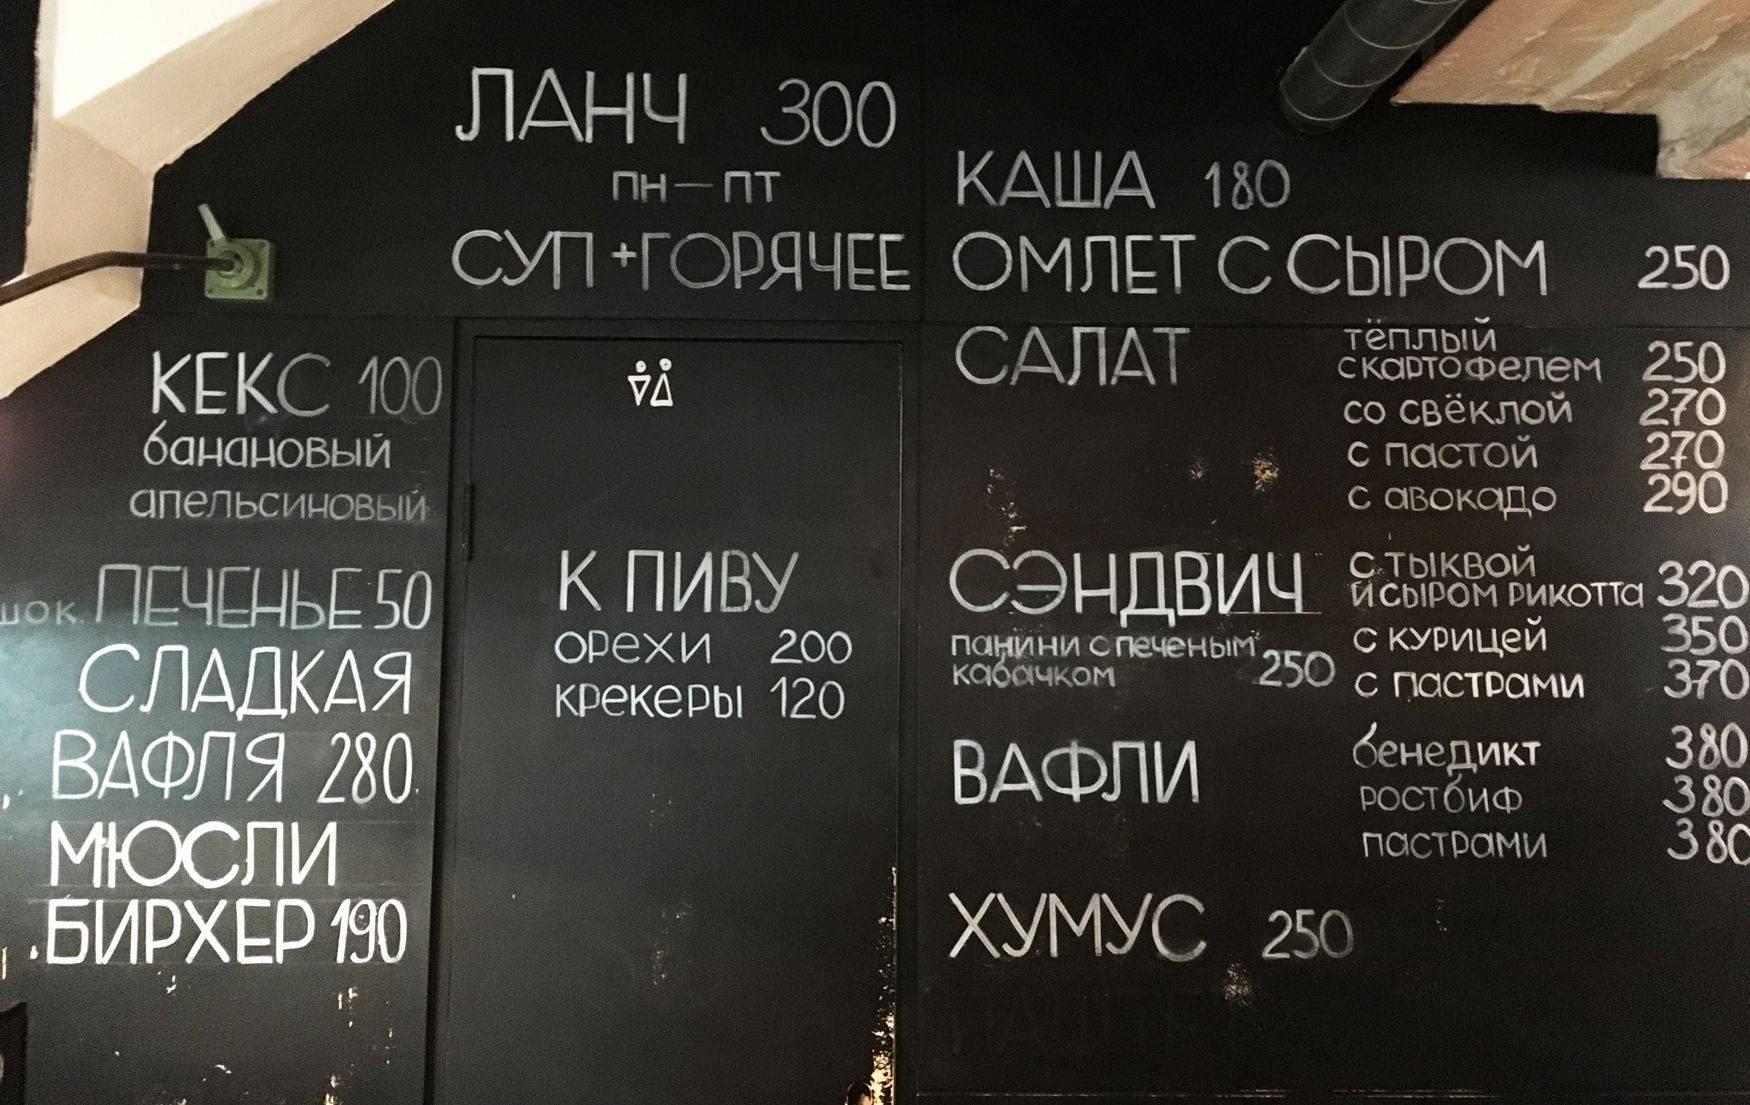 еда в баре Прогресс 2 на Маяковской, цены на еду